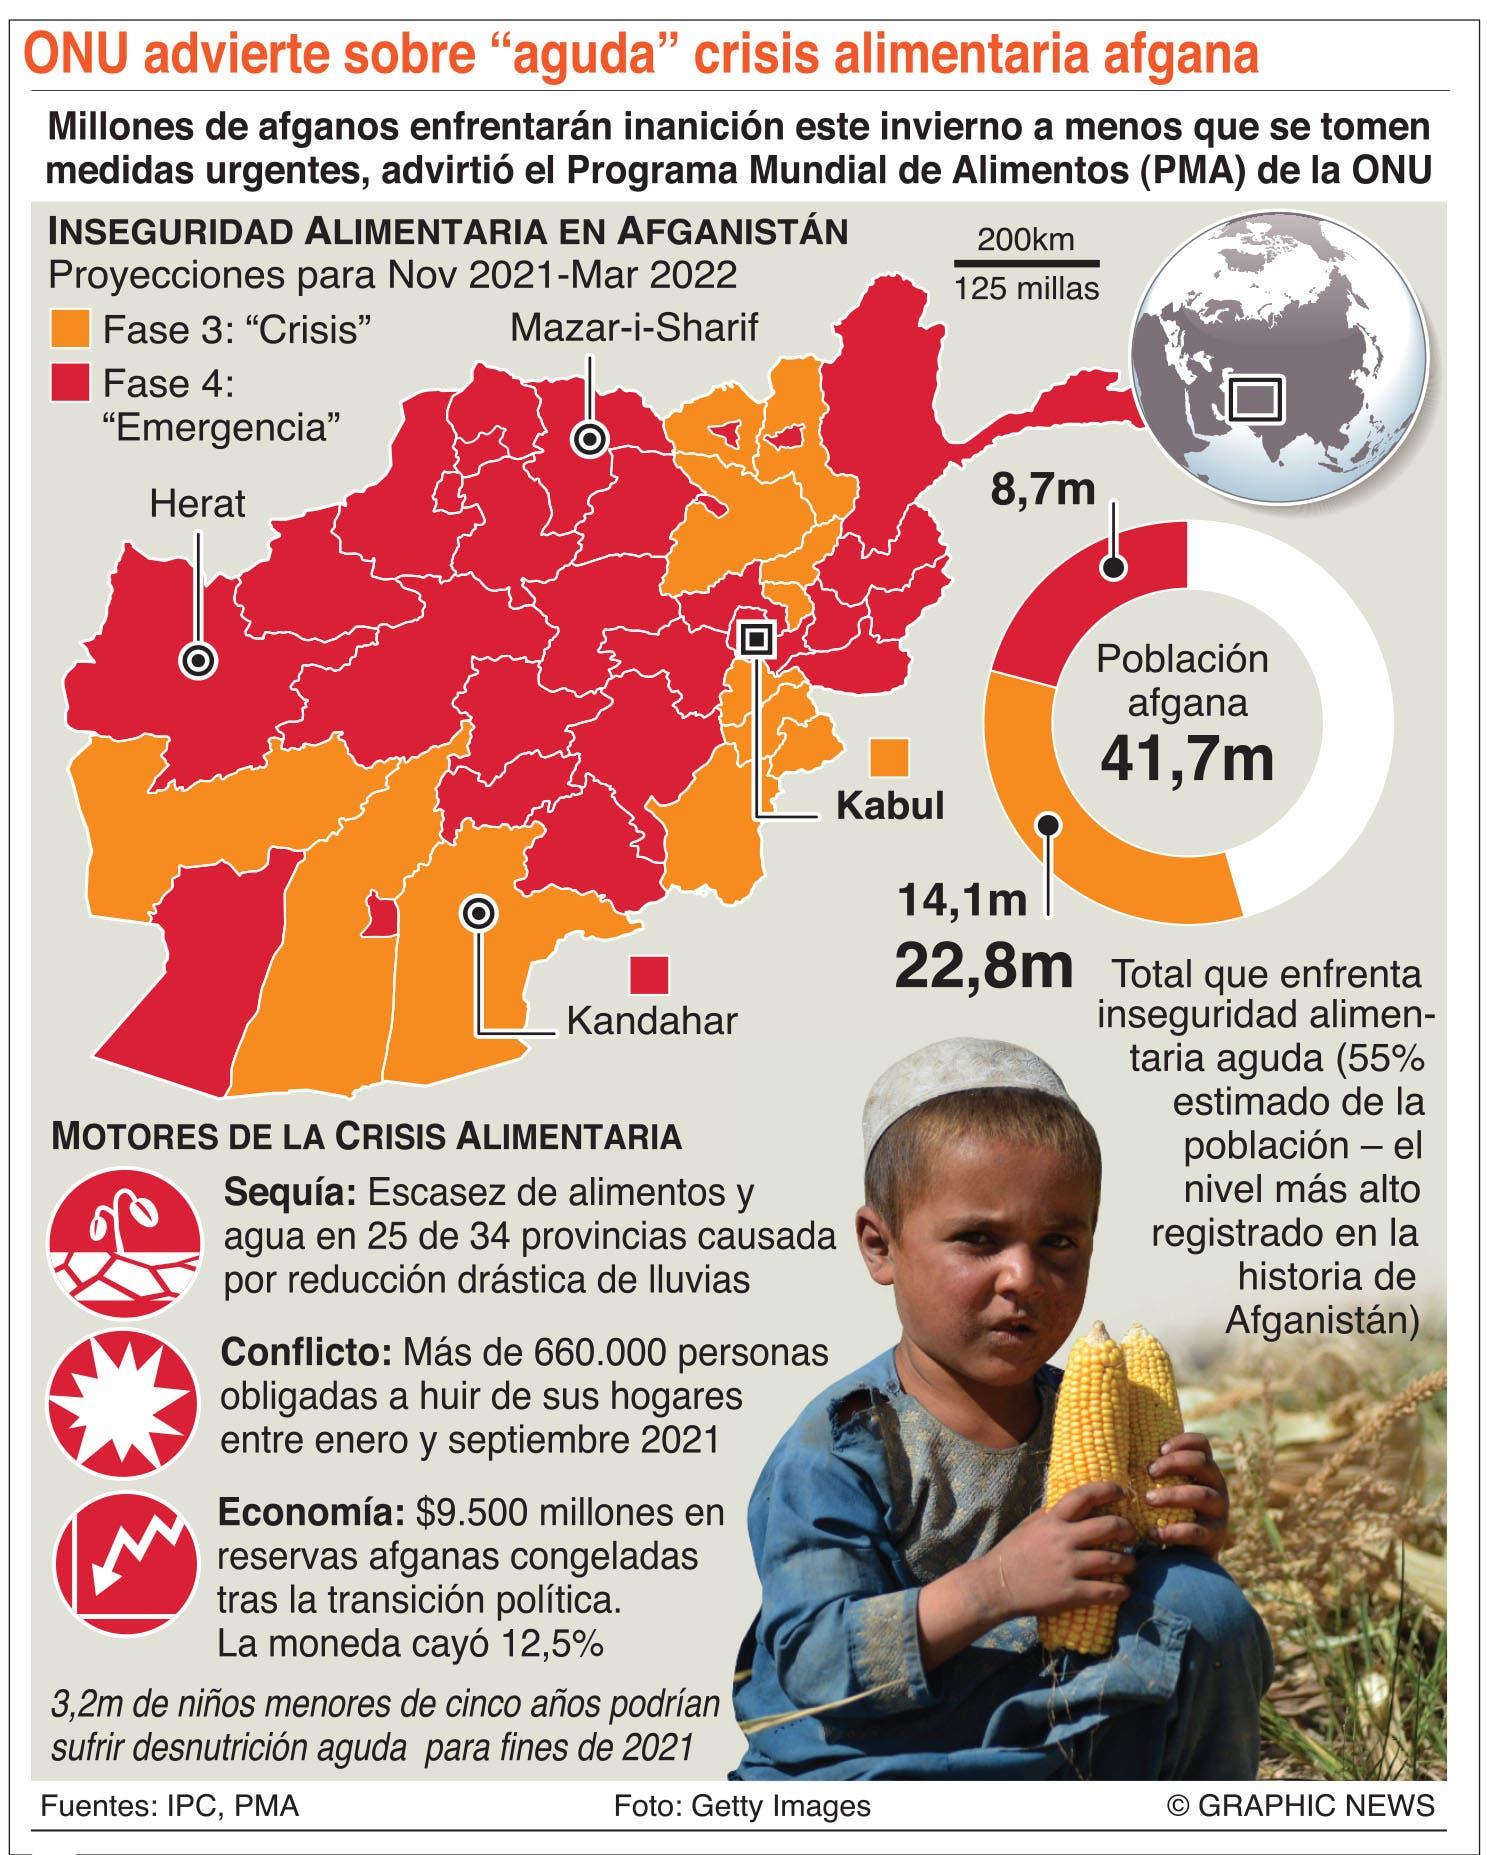 La crisis alimentaria se agrava en Afganistán